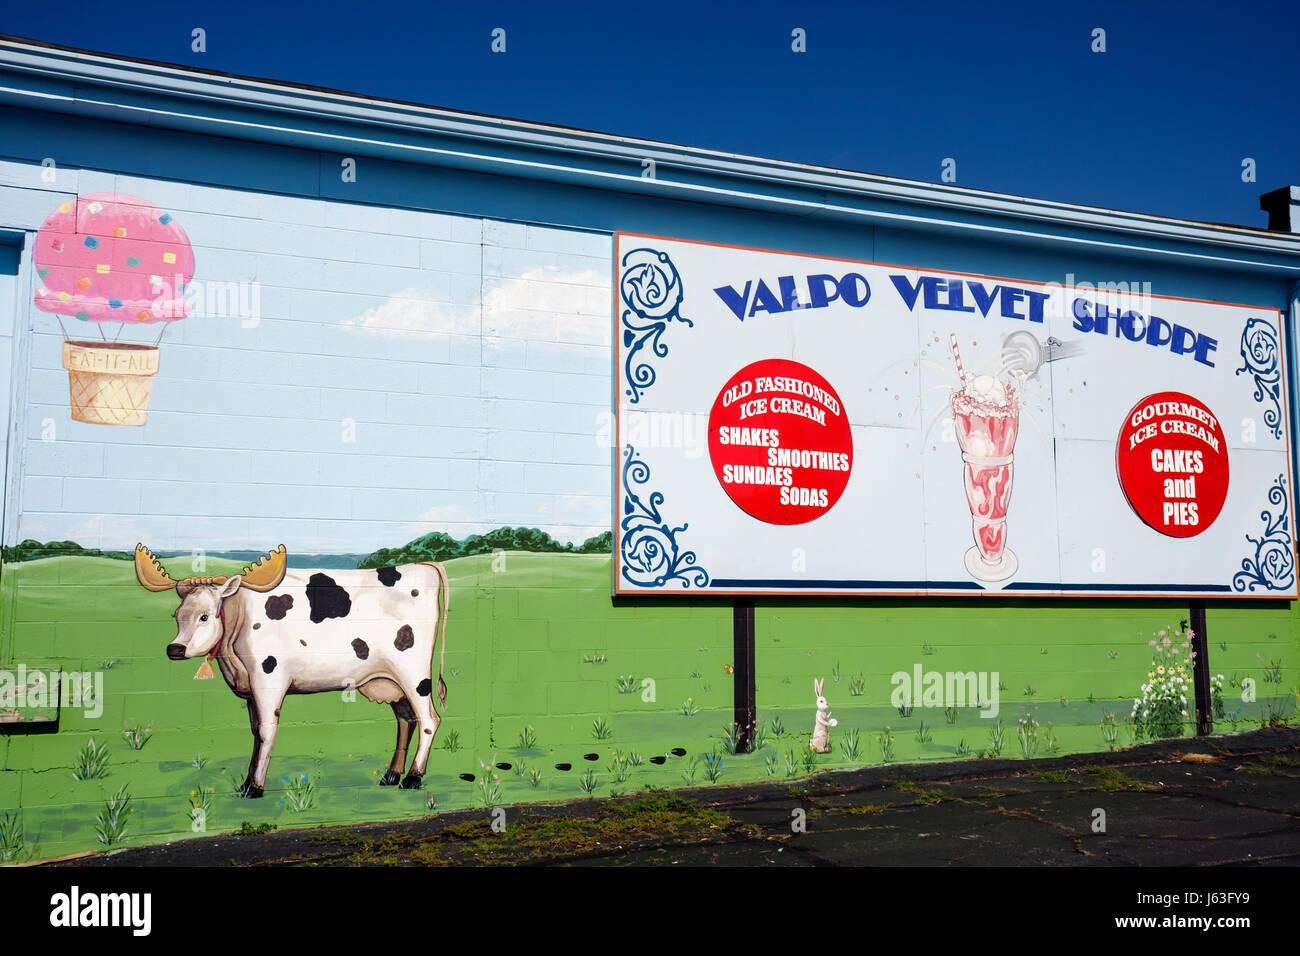 Indiana Valparaiso Valpo Velvet Shoppe ice cream maker wall mural whimsical cow dairy frozen dessert business sign - Stock Image